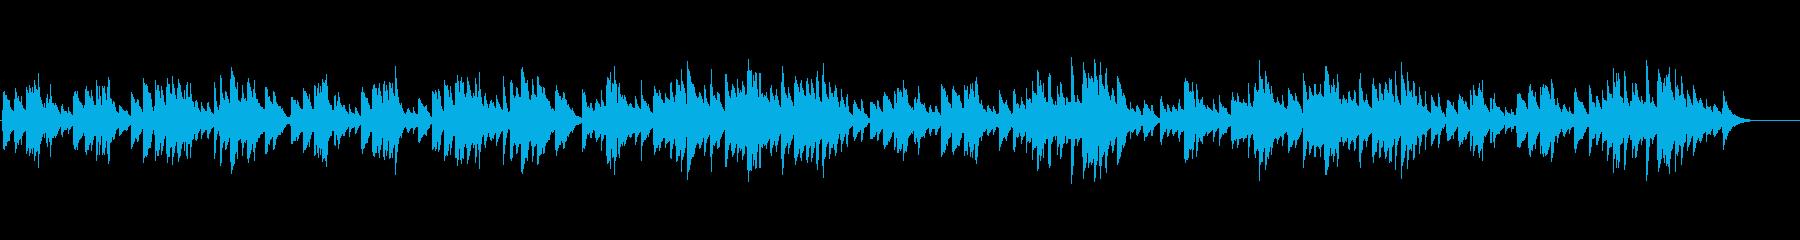 優雅なクラシックピアノソロの再生済みの波形